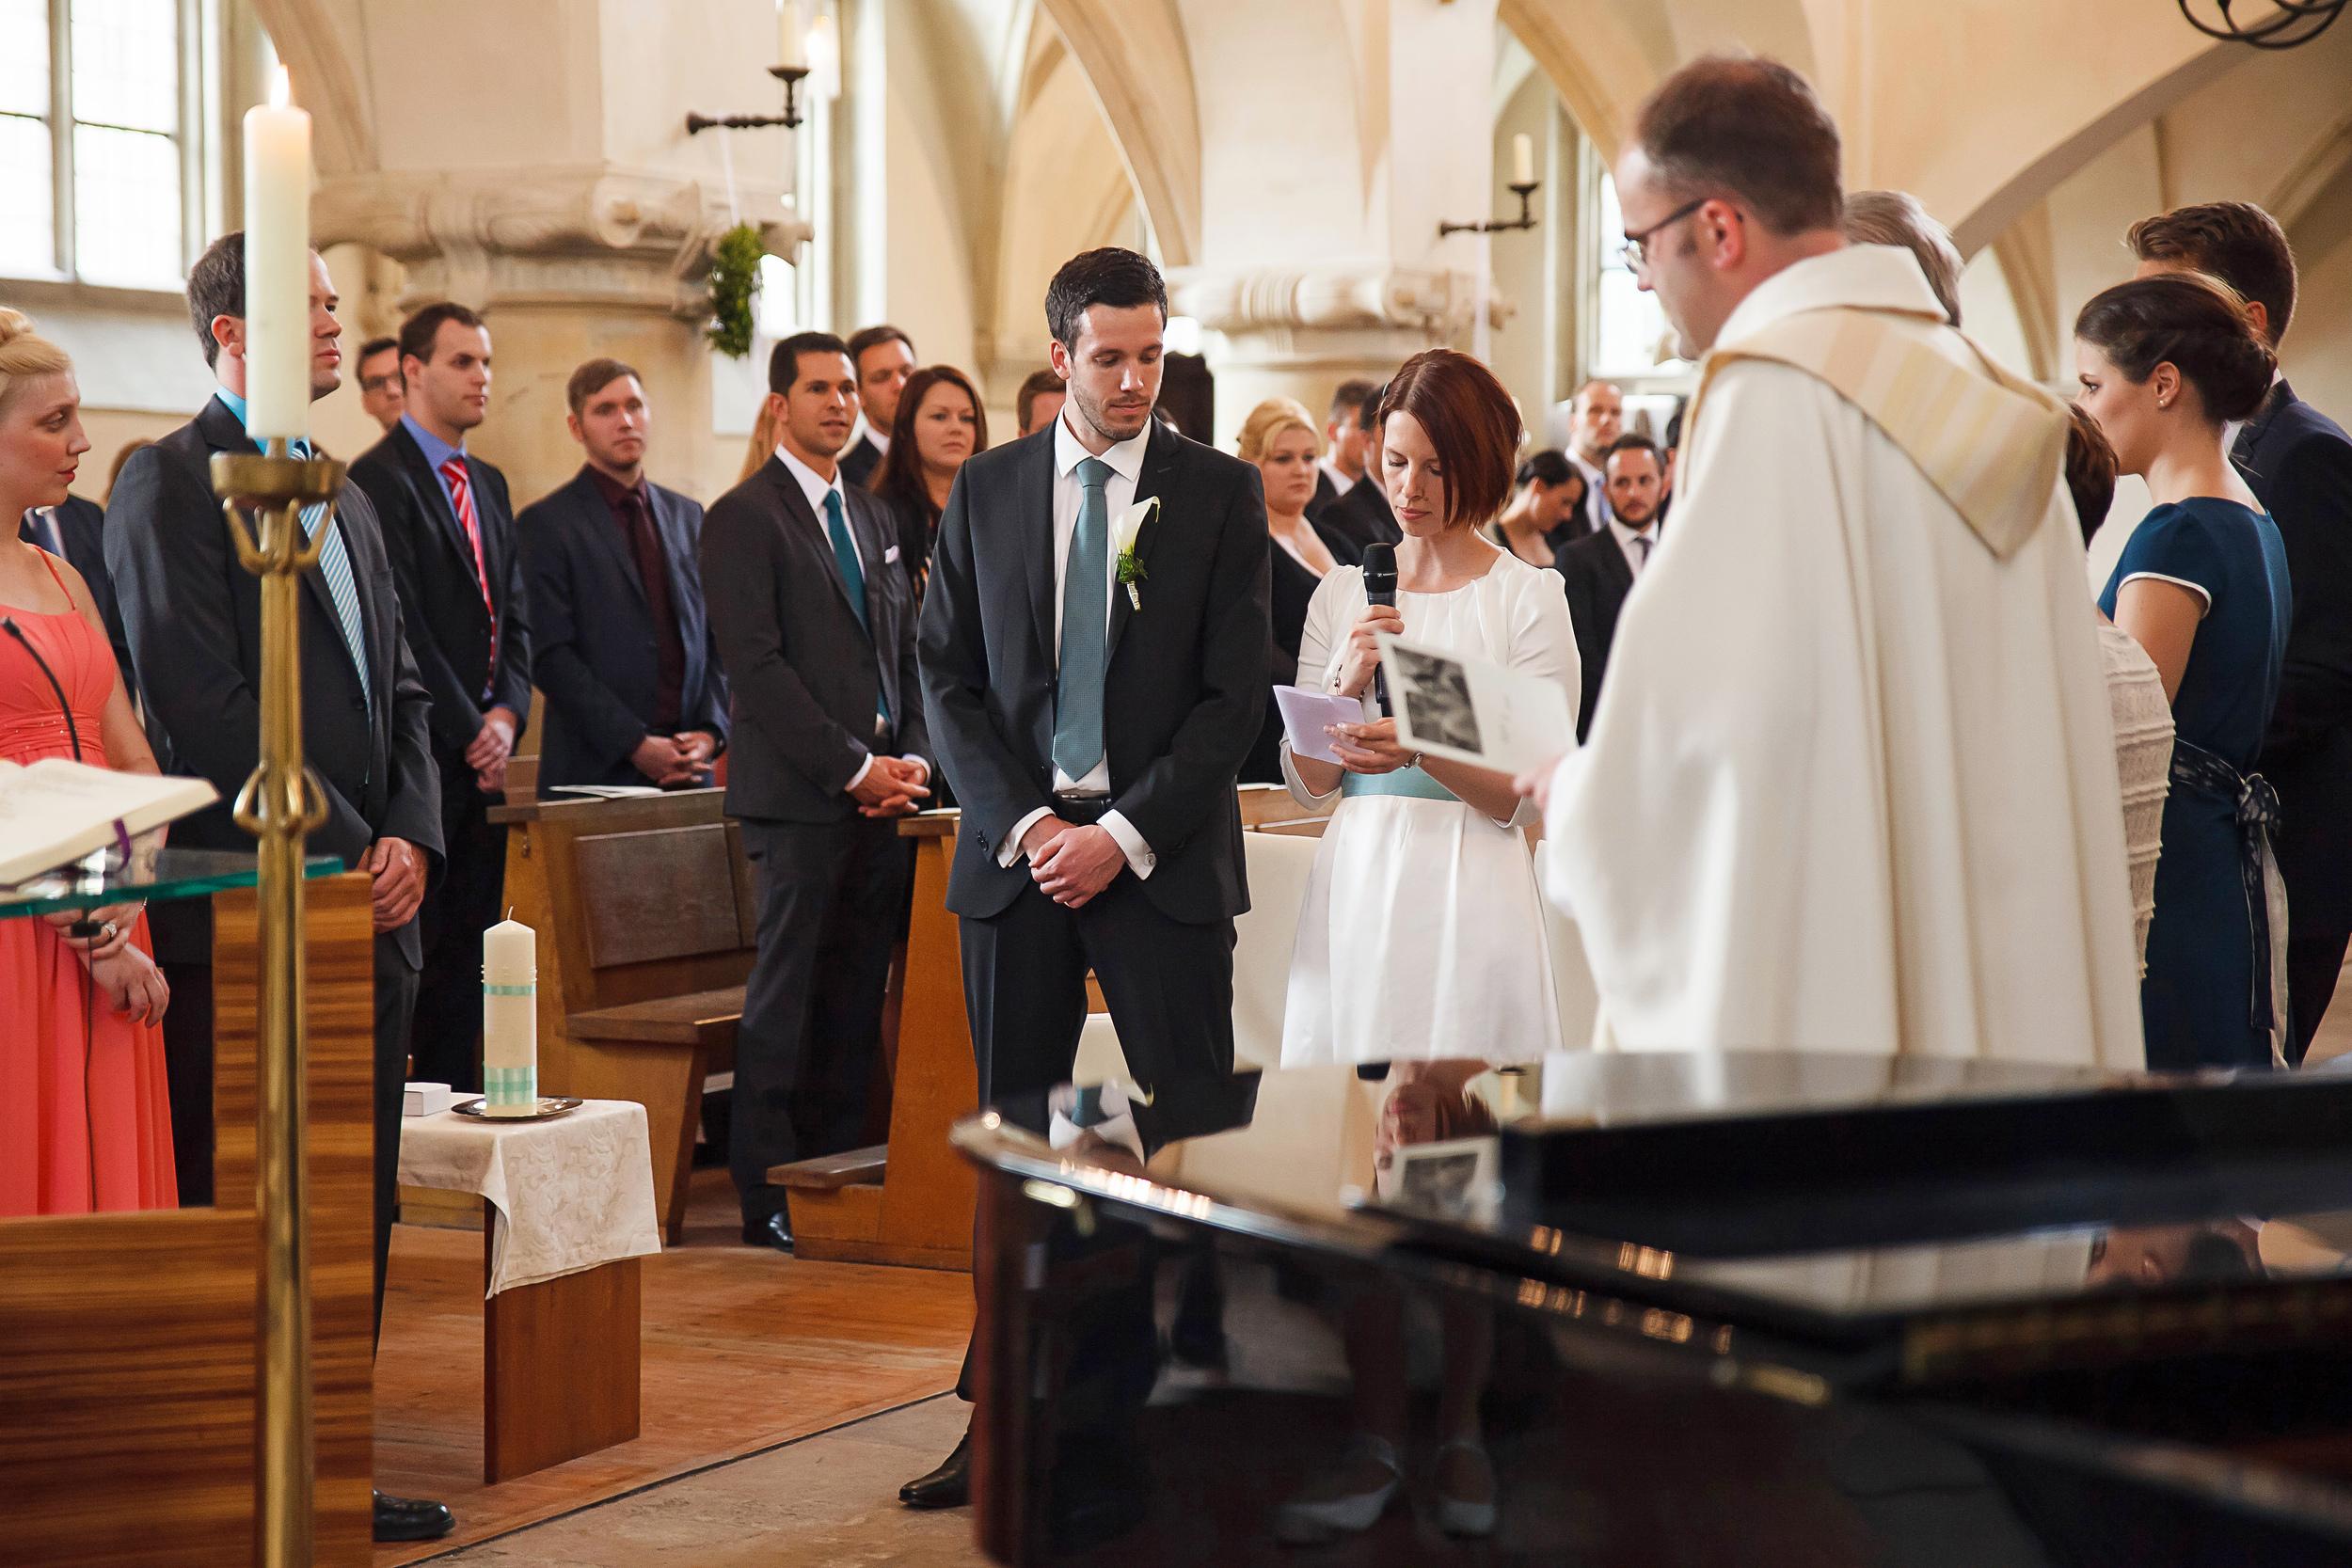 Hochzeit_207.jpg